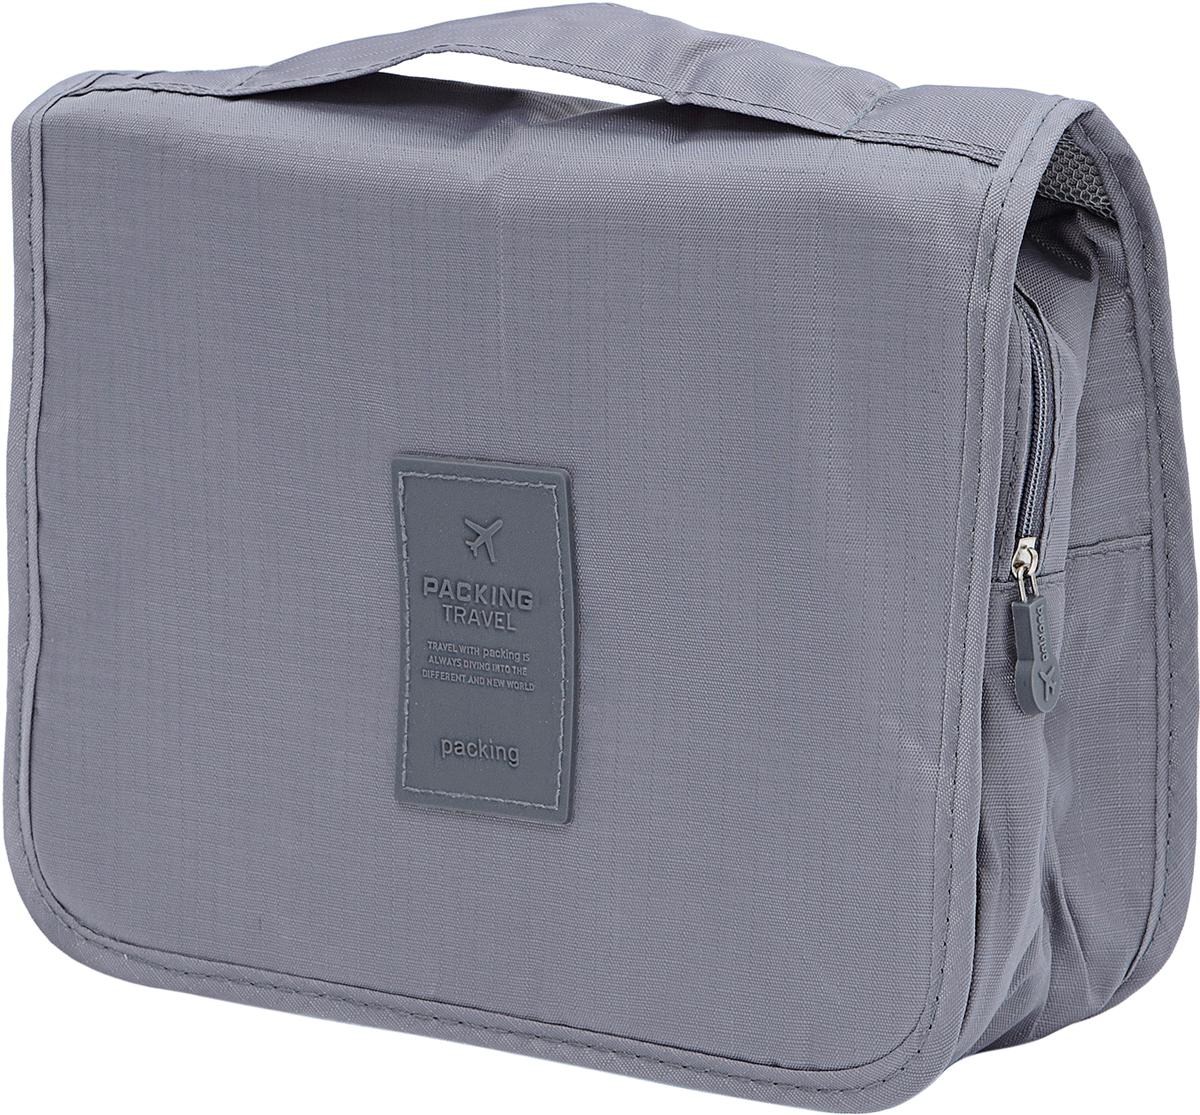 Органайзер для хранения одежды Homsu Basic, универсальный, подвесной, 24 х 18,5 х 9,5 смHOM-895Подвесной органайзер для хранения косметики и средств личной гигиены, выполнен из водоотталкивающего материала, имеет удобный крючок для подвешивания. Помимо основного, имеет одно прозрачное отделение на молнии, а также несколько кармашков разного размера. Такой органайзер незаменим во время путешествий и походов в спортзал.